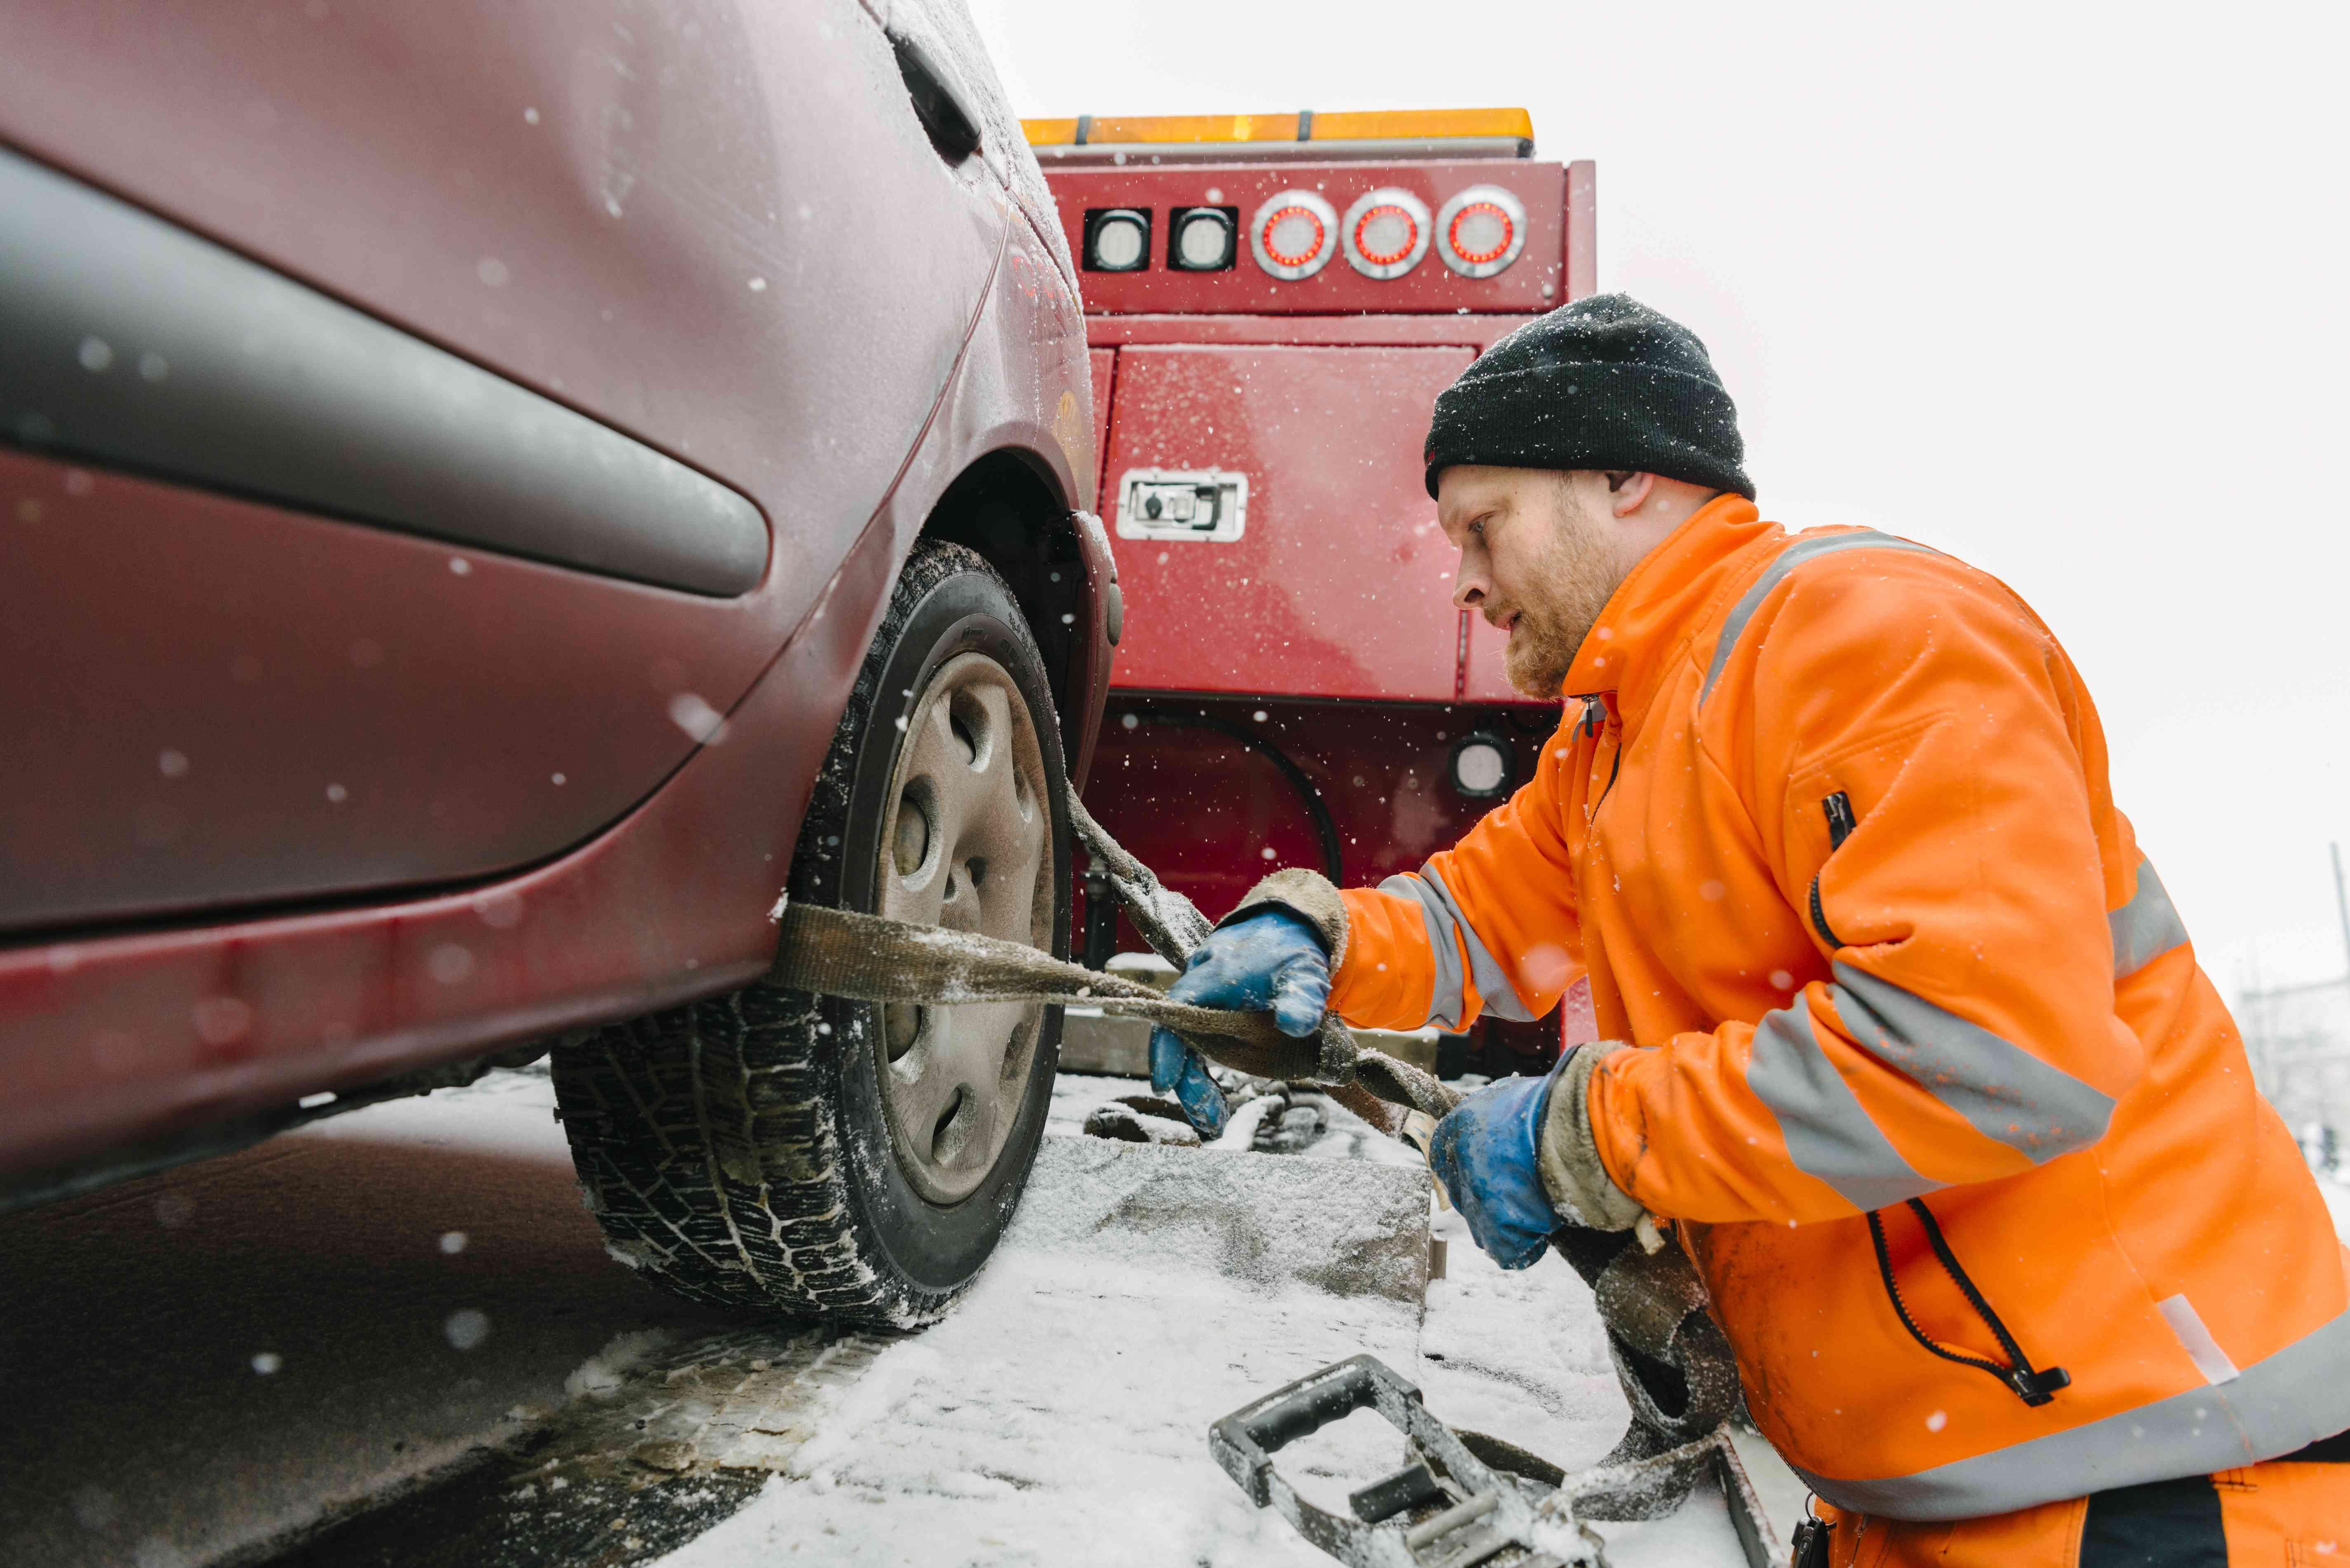 Vista lateral del conductor que coloca el neumático del automóvil con el equipo remolcado camión